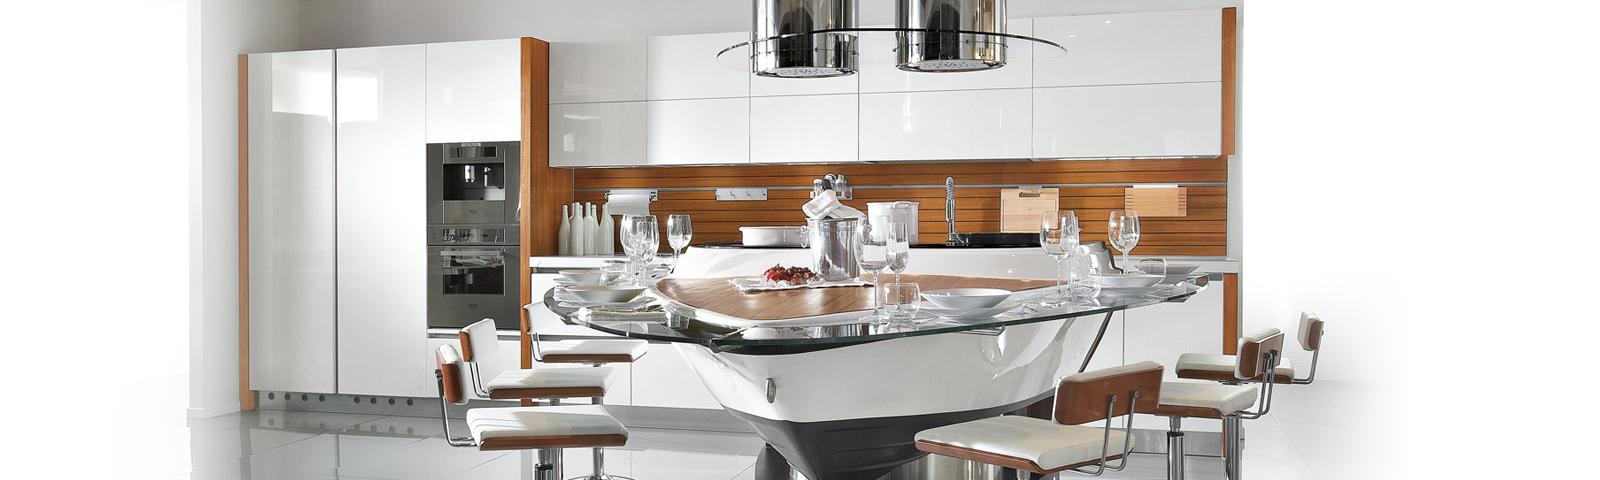 Arredamento teramo home design di petrelli giuseppe for Arredo bagno ascoli piceno